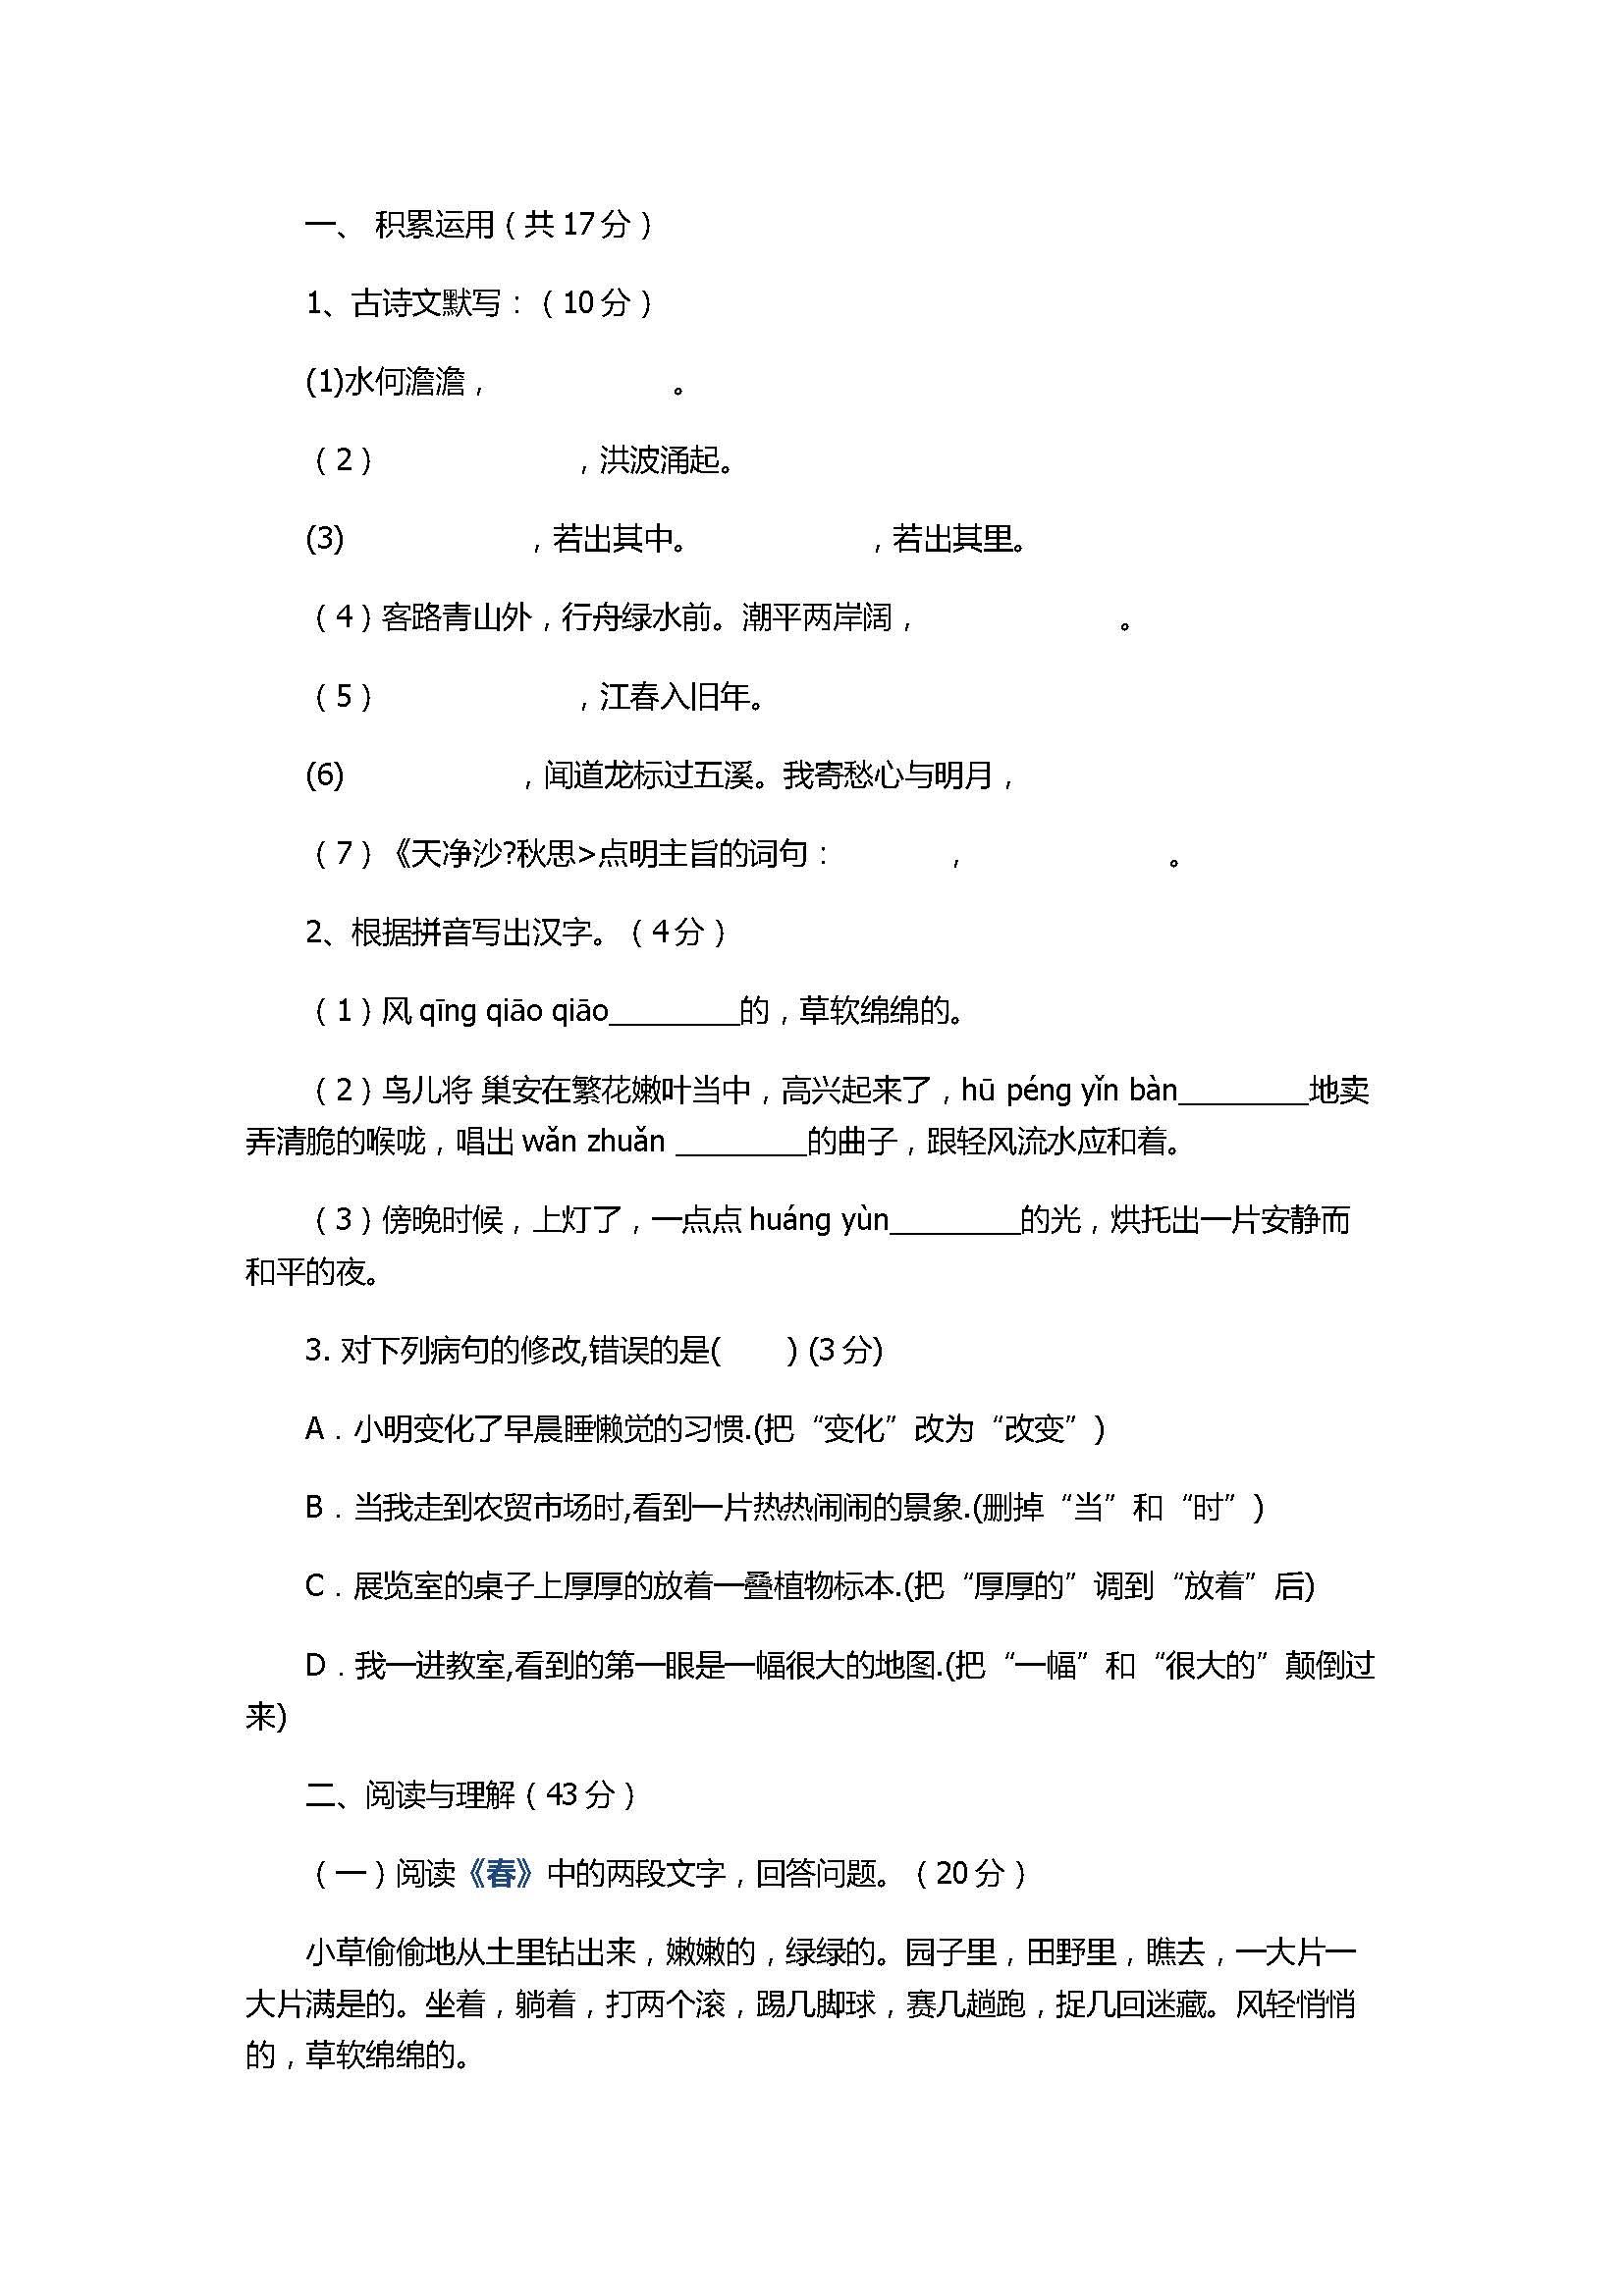 2017七年级语文上册单元试卷附参考答案(人教版)